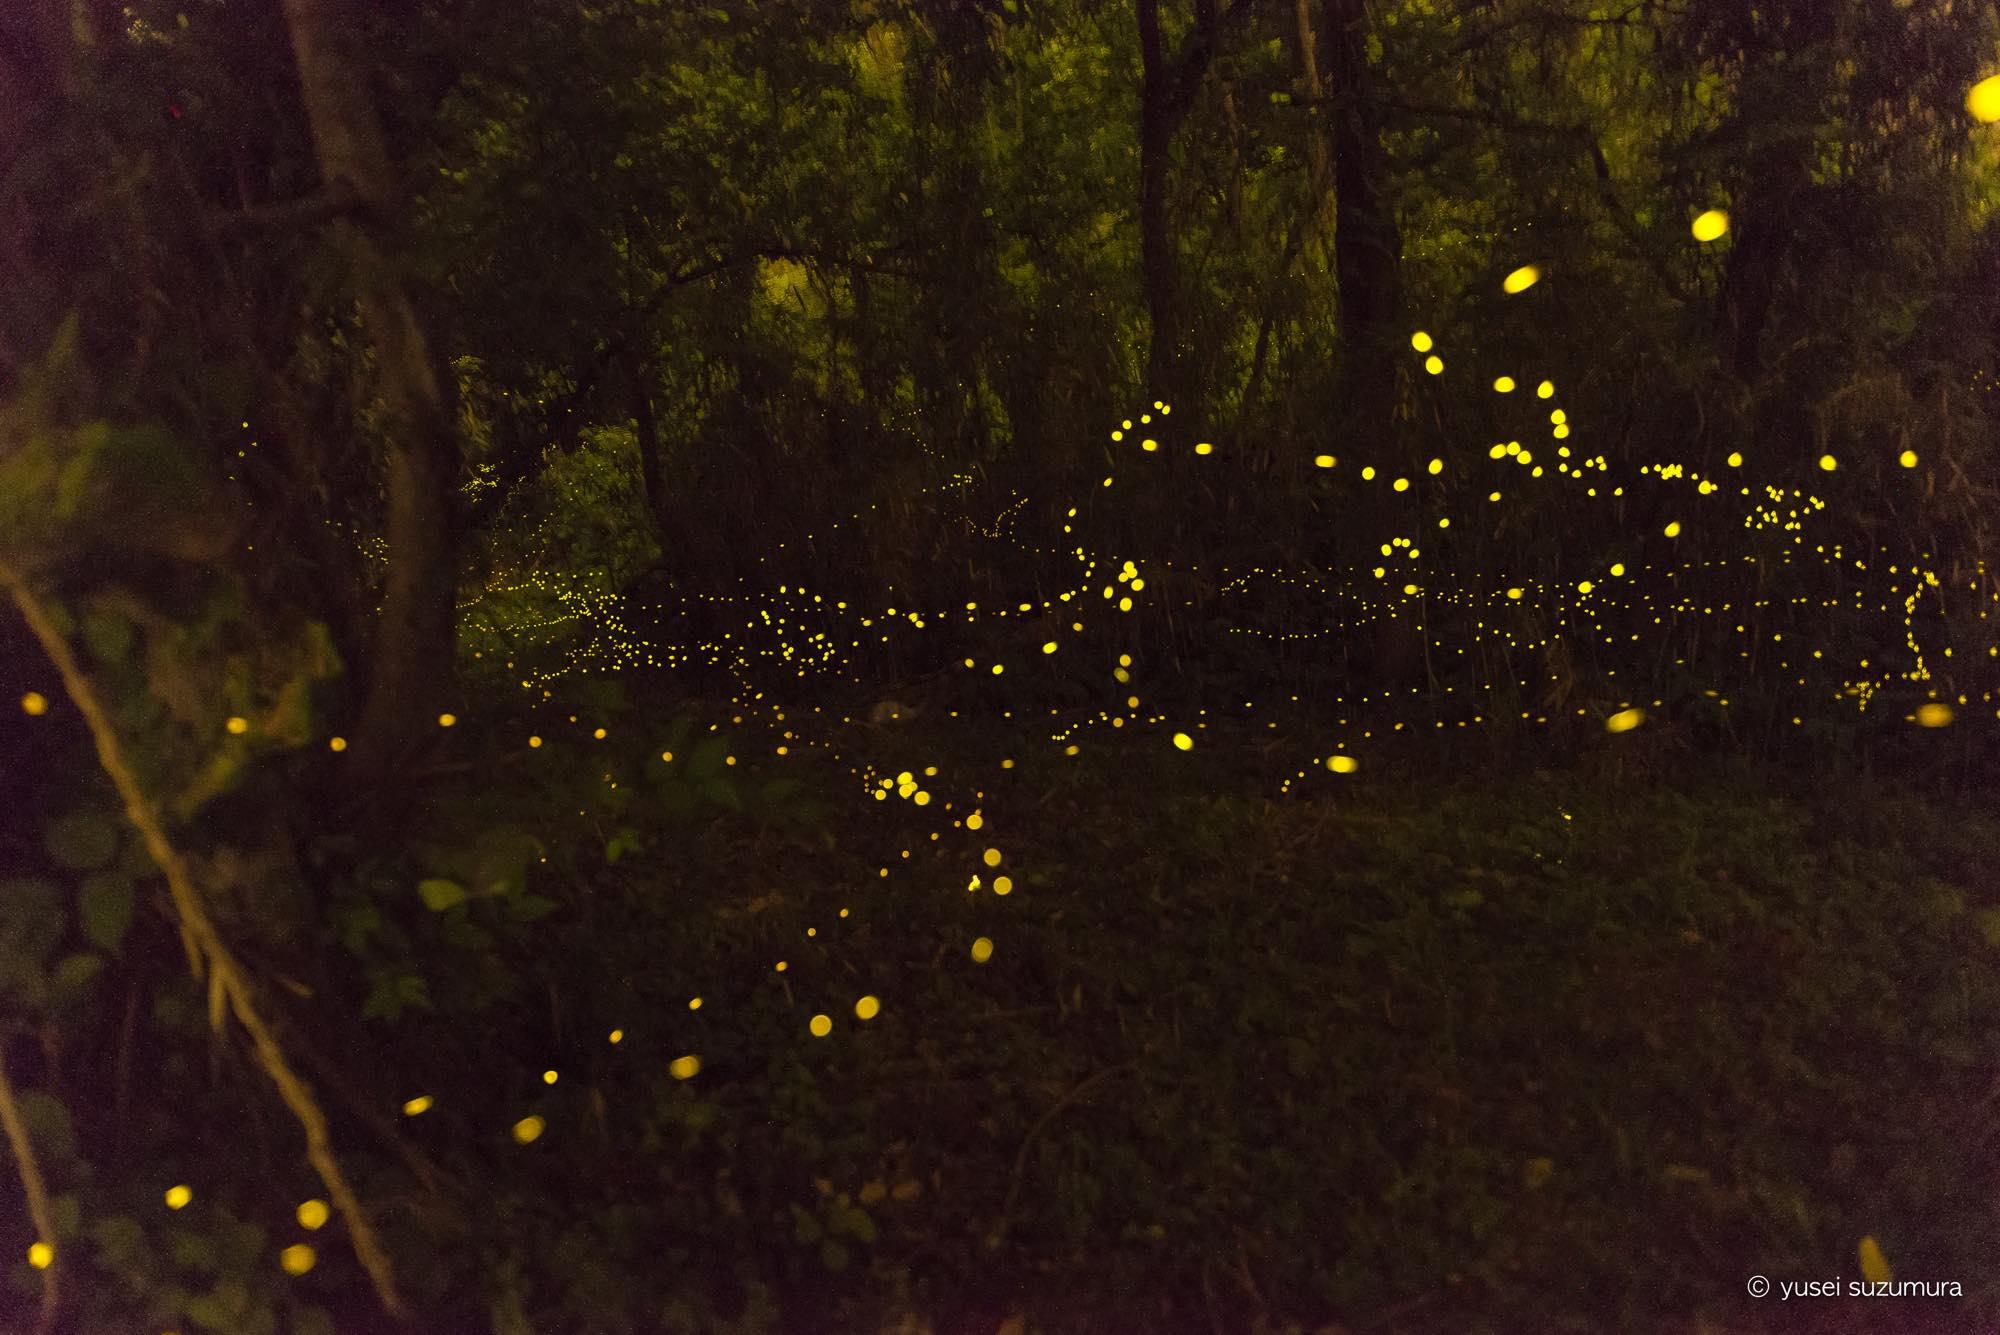 初めてのヒメボタル撮影!闇に漂う光のイリュージョン。